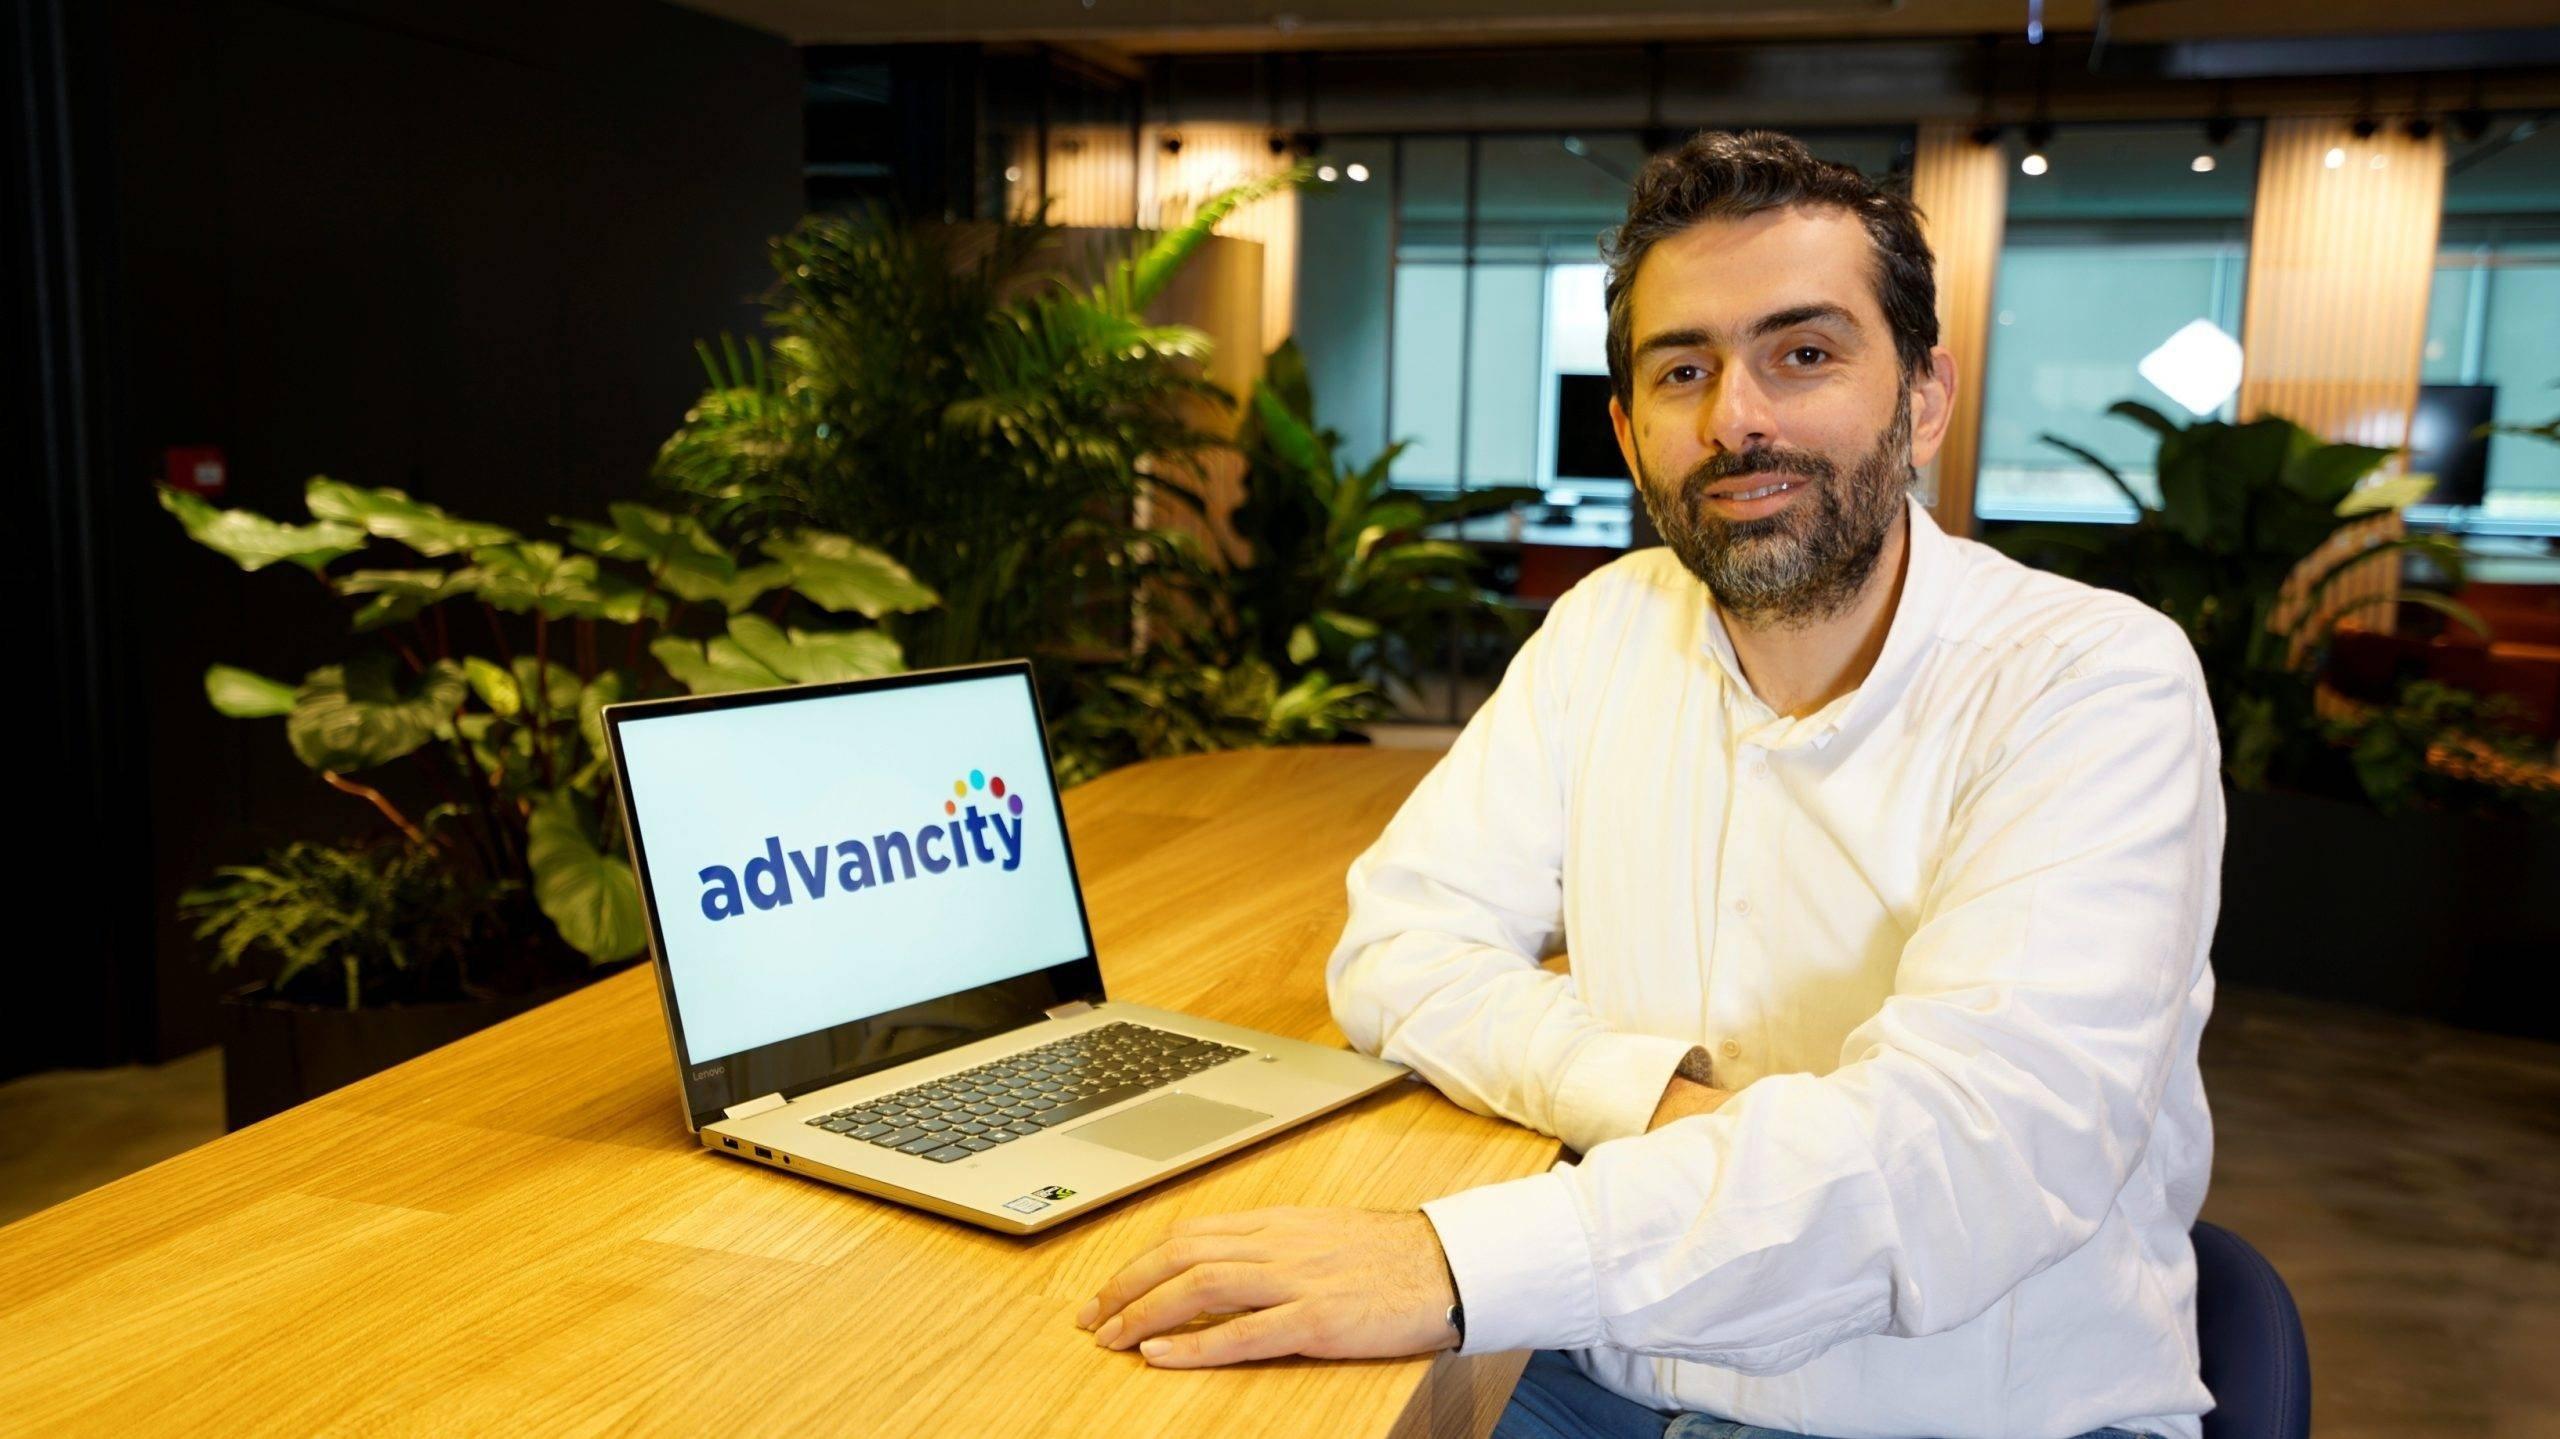 Advancity CEO Cem Atacık. (Courtesy of Advancity)